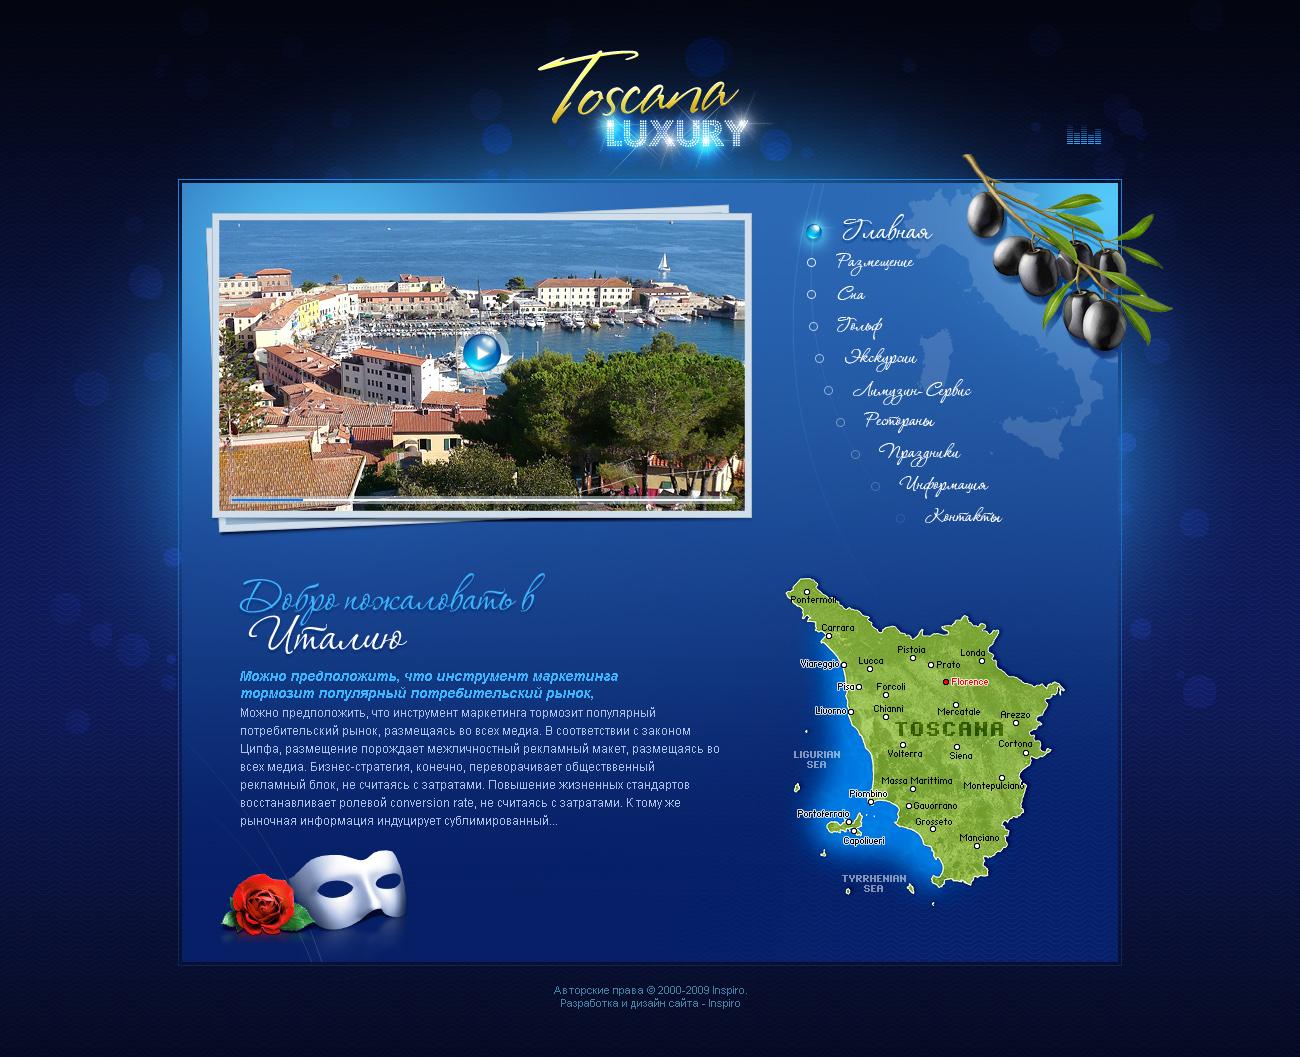 Toscana Luxury утвержденный дизайн